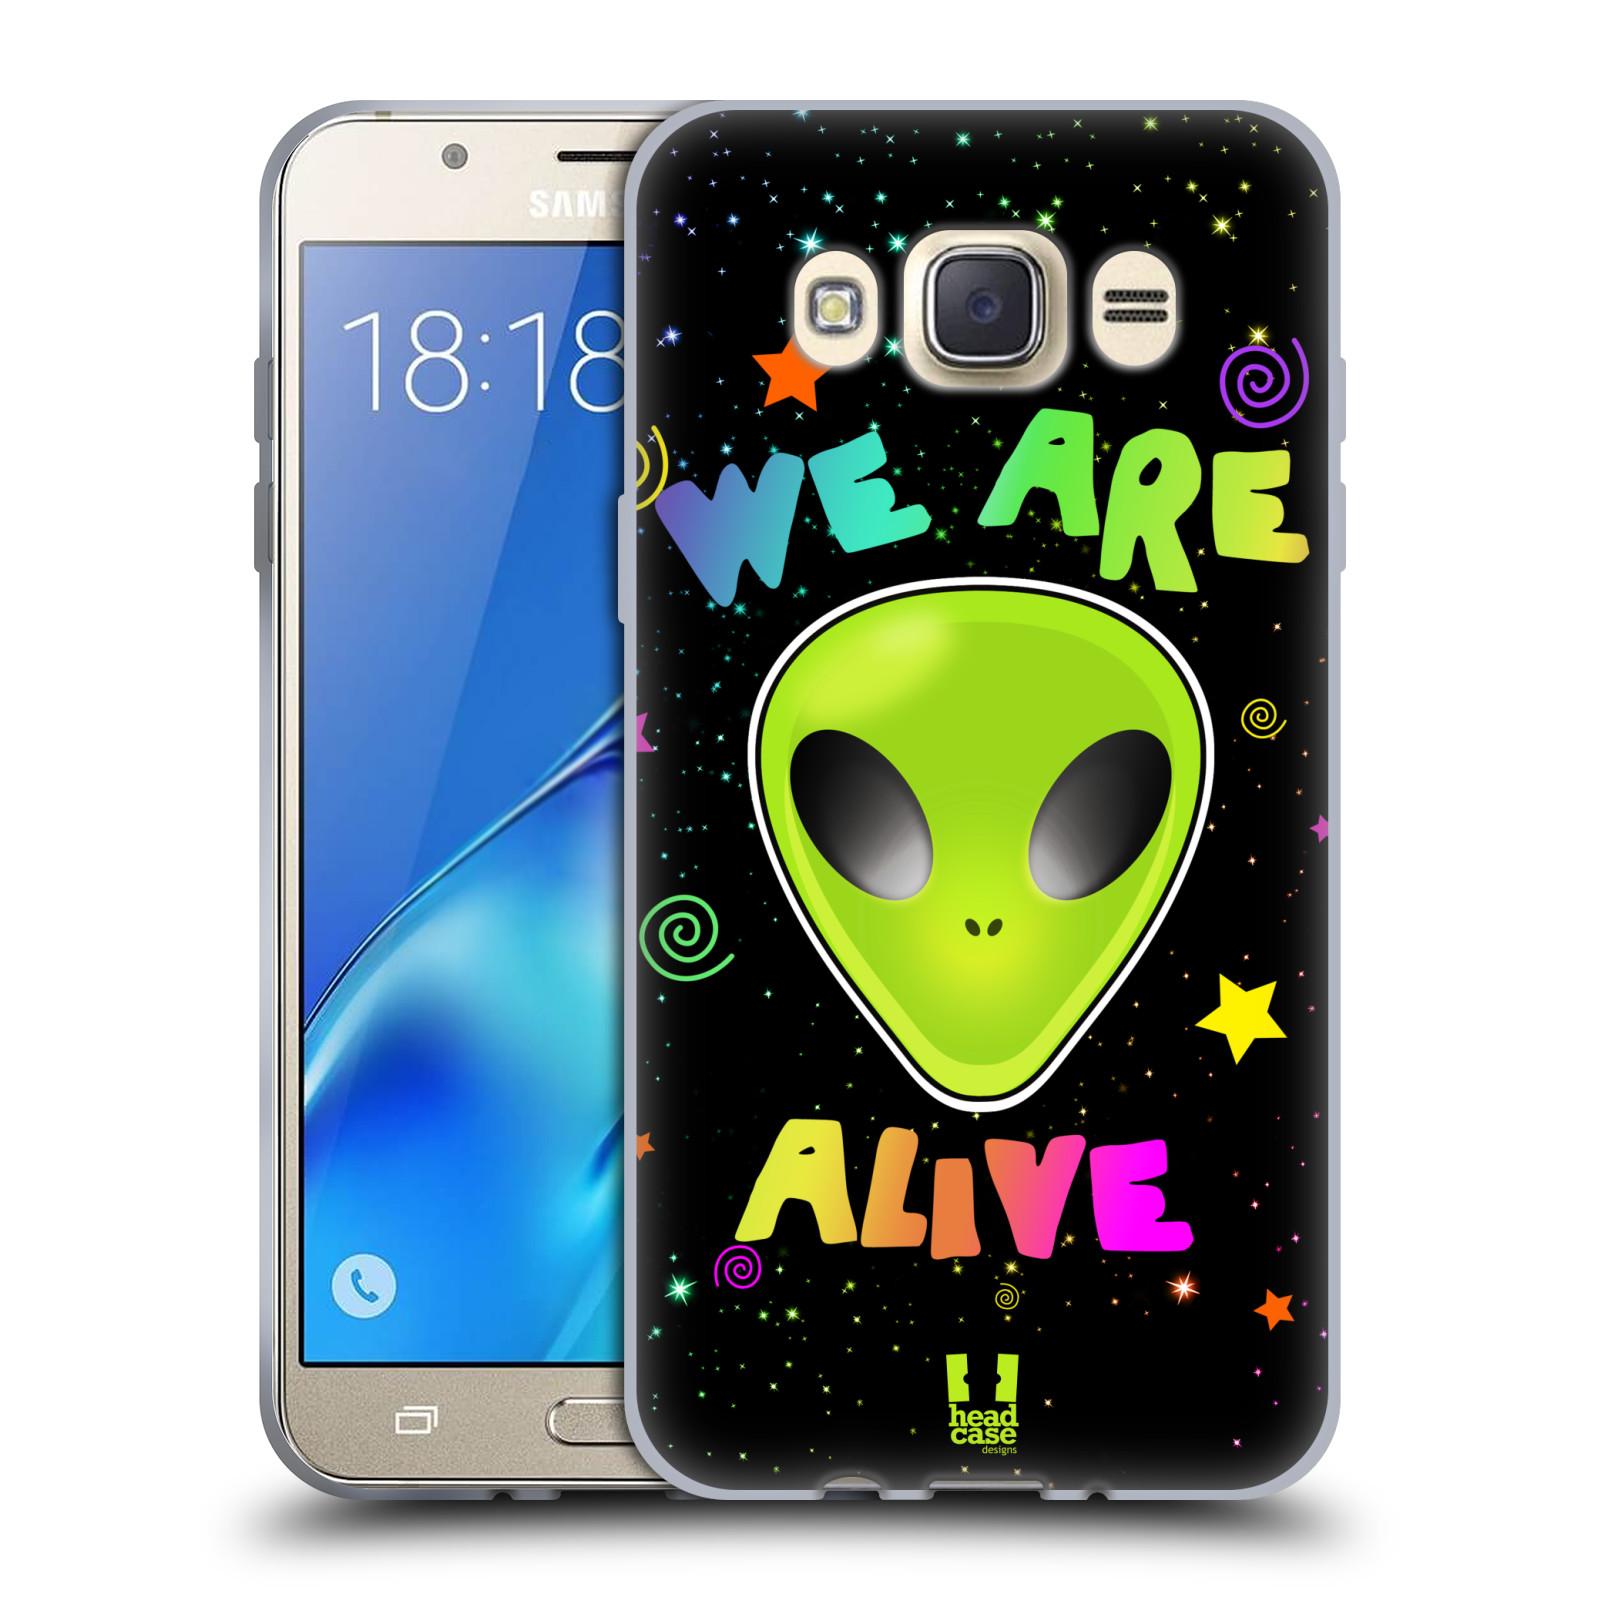 Silikonové pouzdro na mobil Samsung Galaxy J7 (2016) HEAD CASE ALIENS ALIVE